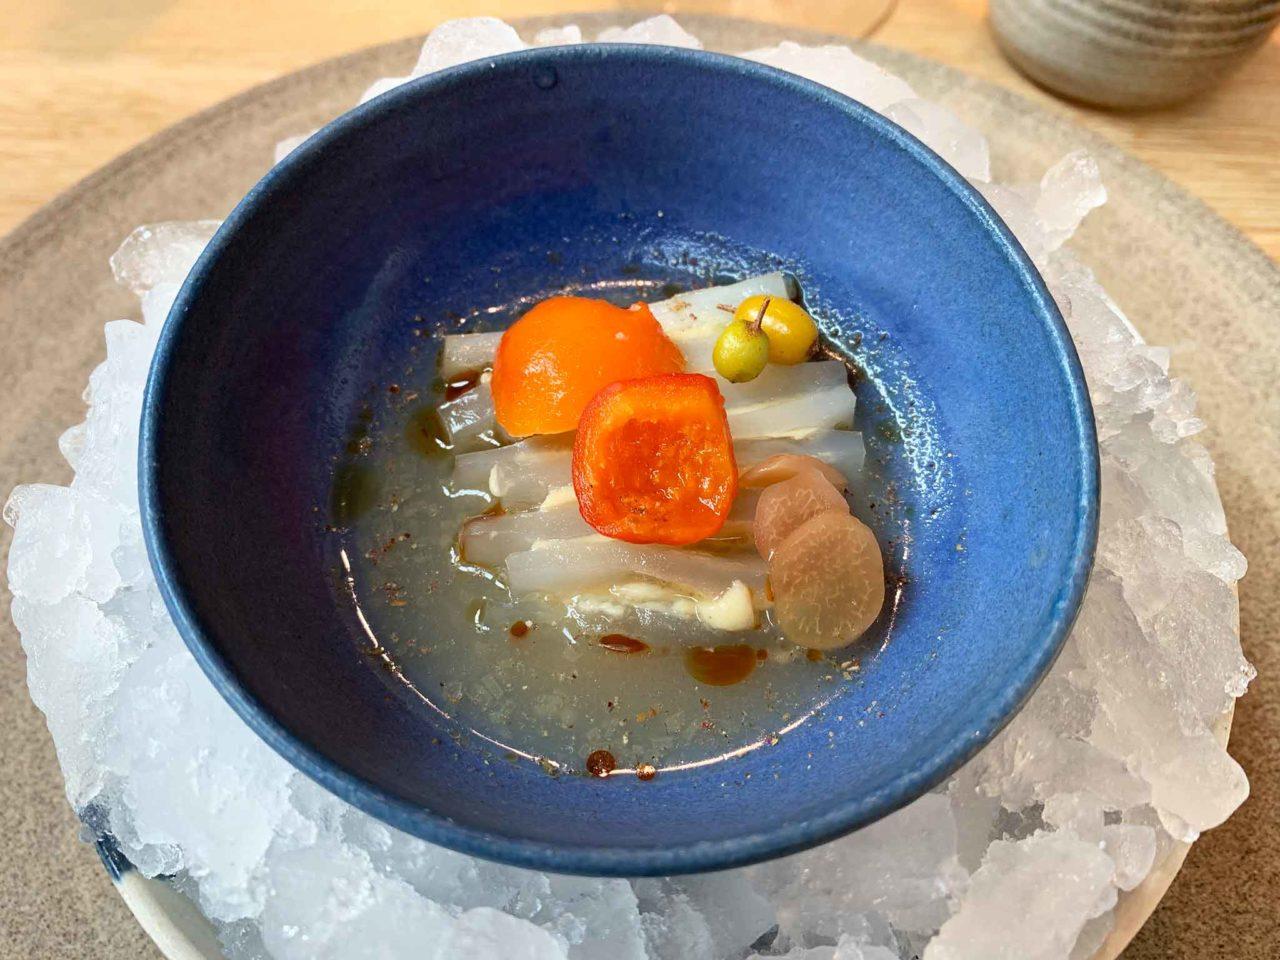 Un piatto del Noma di René Redzepi: Vescica natatoria di merluzzo al vapore con mela cotogna